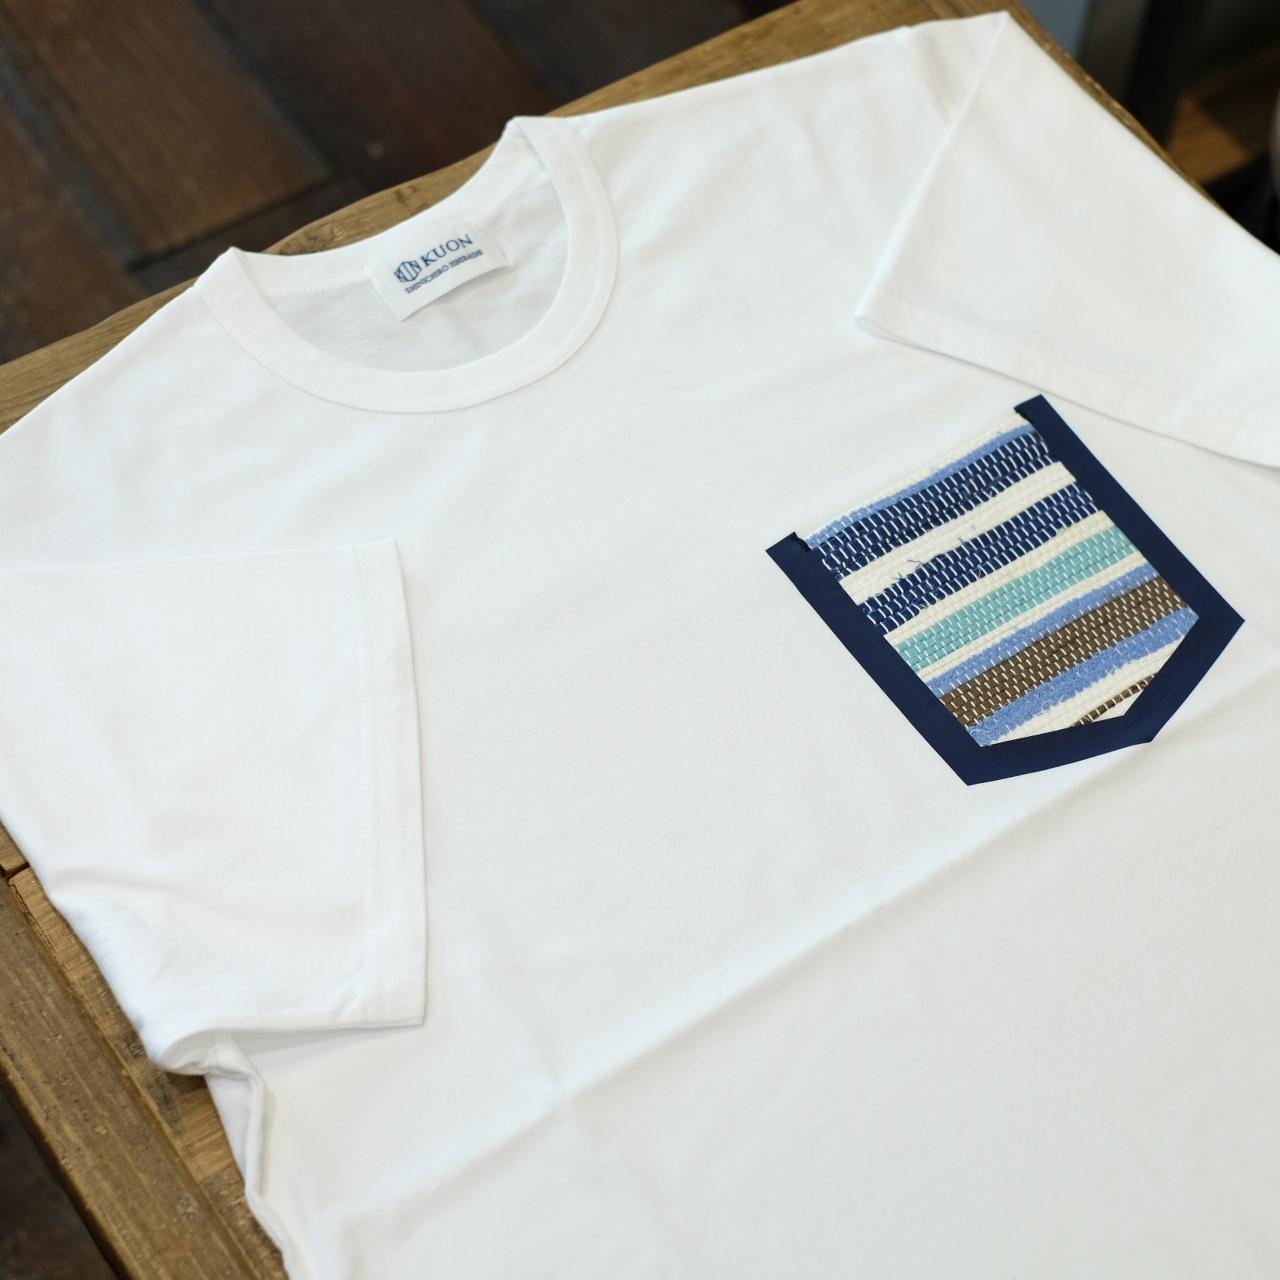 KUON(クオン) 裂織りポケットTシャツ ホワイト